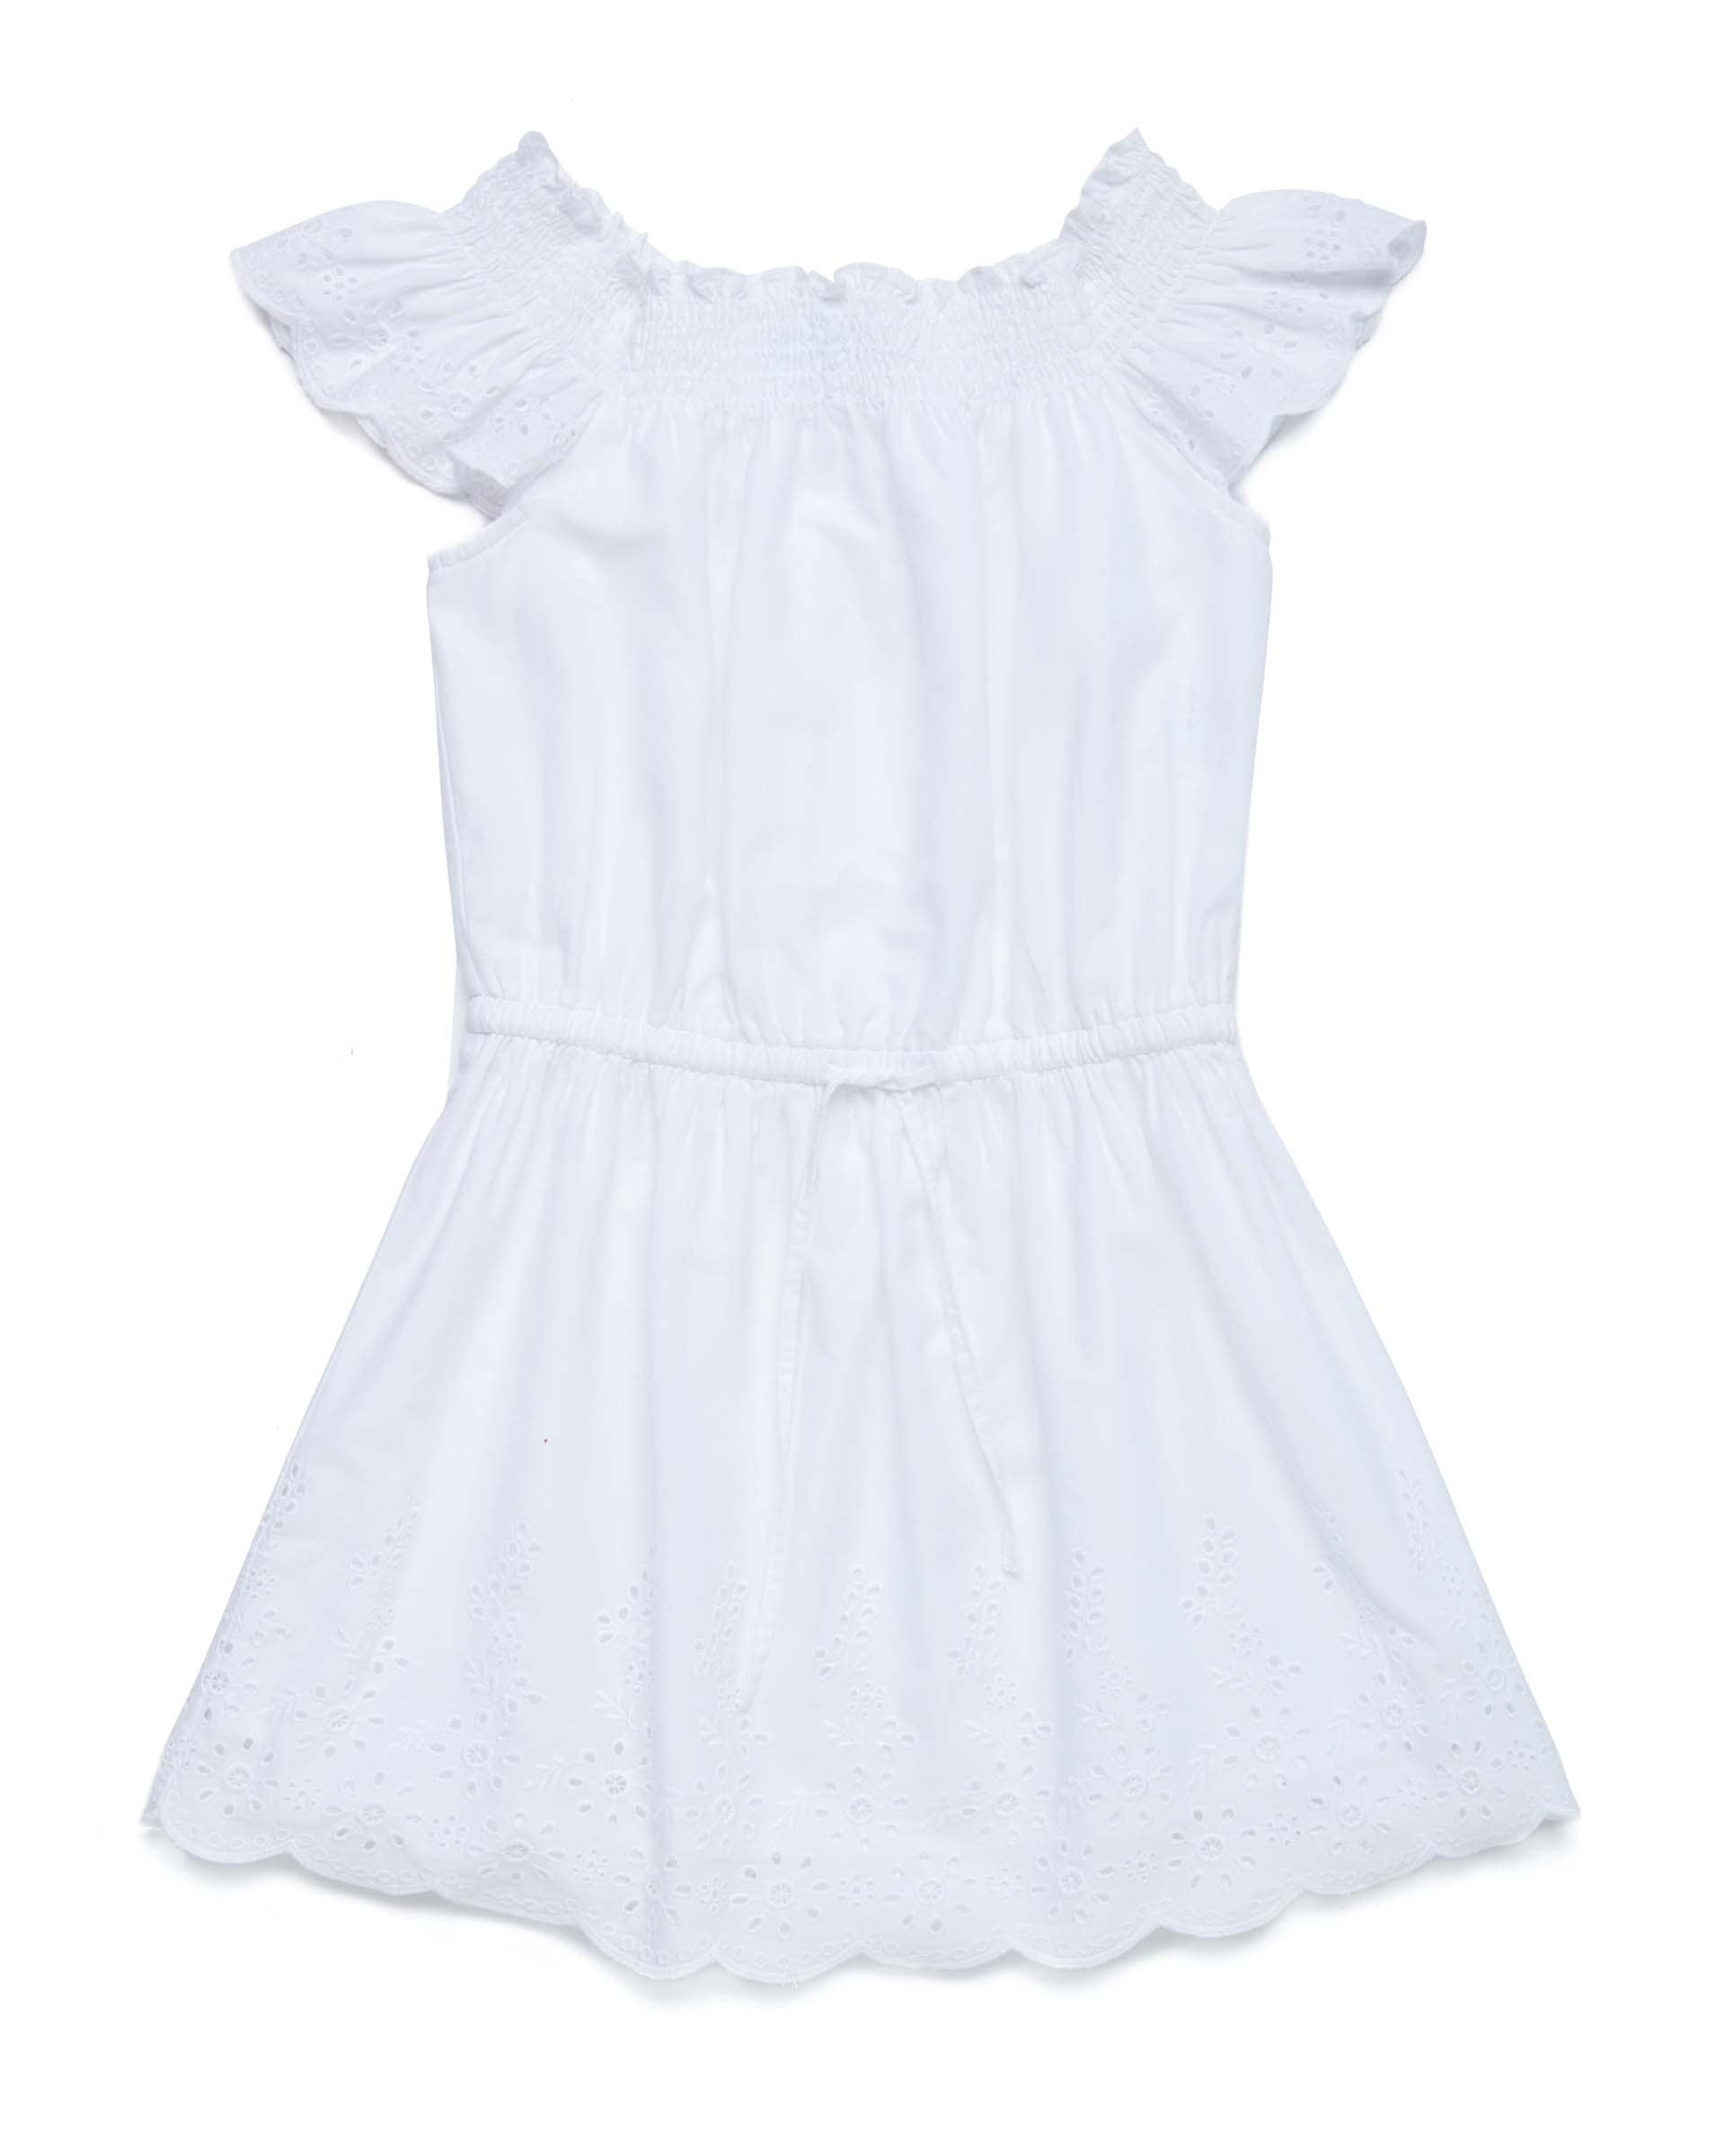 Купить 20P_4JO15VDK0_101, Платье для девочек Benetton 4JO15VDK0_101 р-р 128, United Colors of Benetton, Платья для девочек